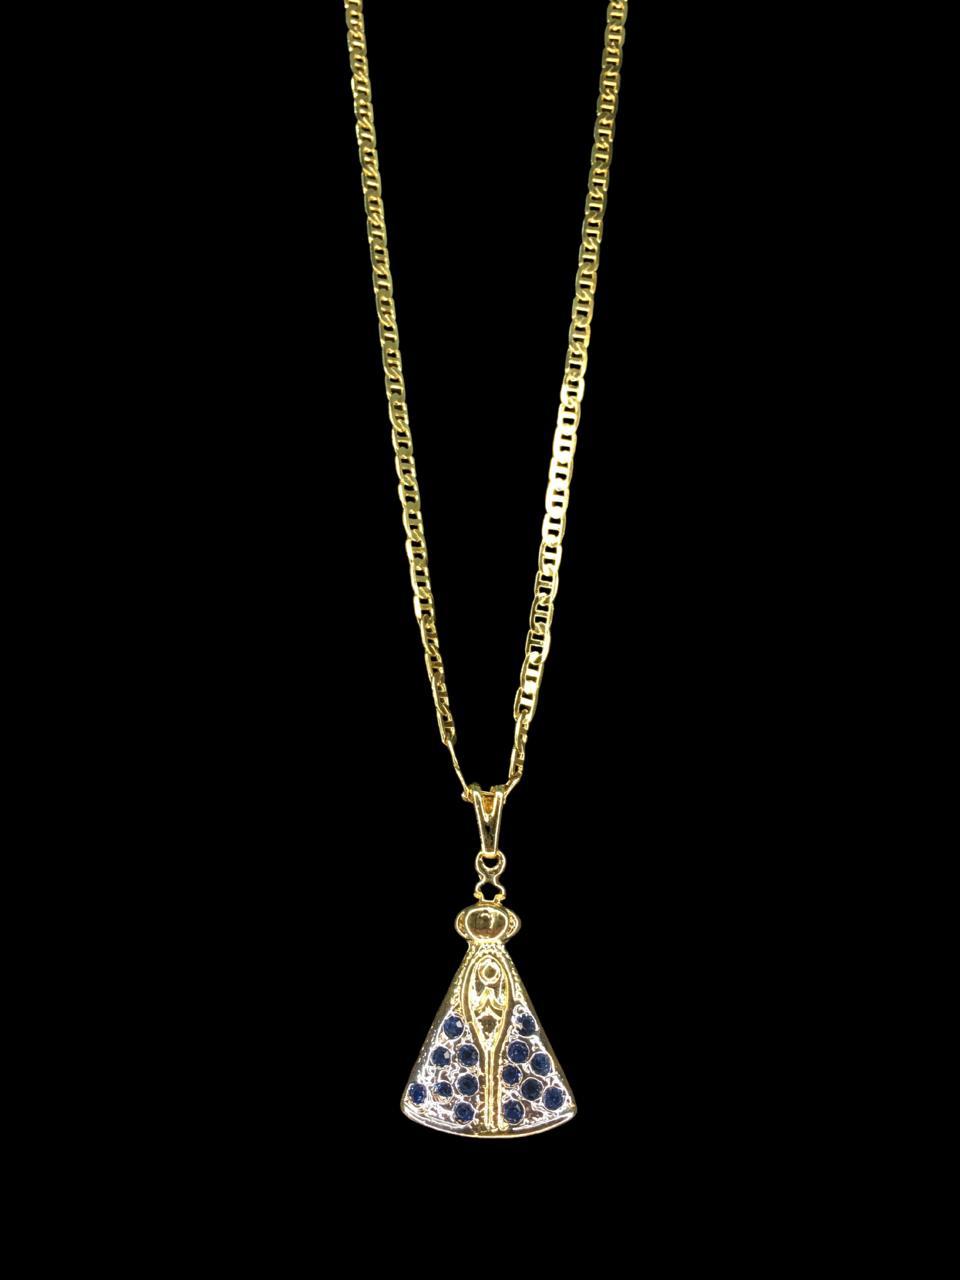 Kit Corrente Piastrine de 2 milímetros  70 centímetros  Com Pingente Nossa senhora de aparecida cravejada -  Banhados a Ouro 18k